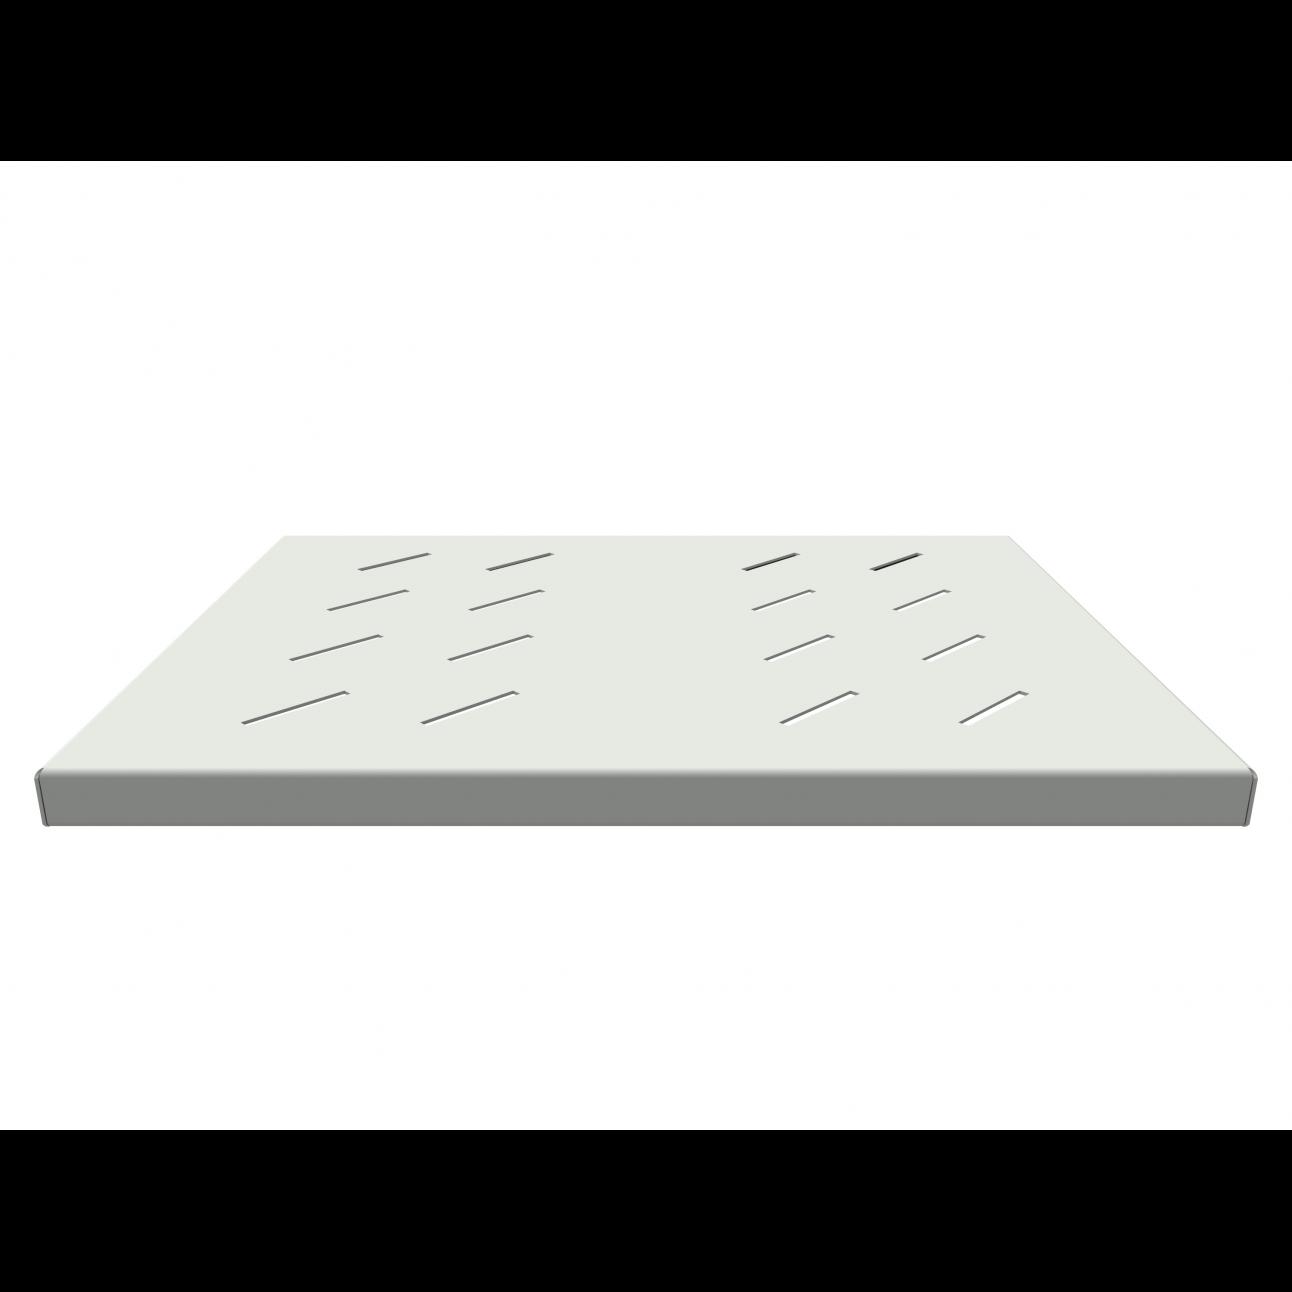 Полка стационарная усиленная для шкафов глубиной 600мм, (глубина полки 350мм) распределенная нагрузка 120кг, цвет-cерый (SNR-SHELF-06035-120G)